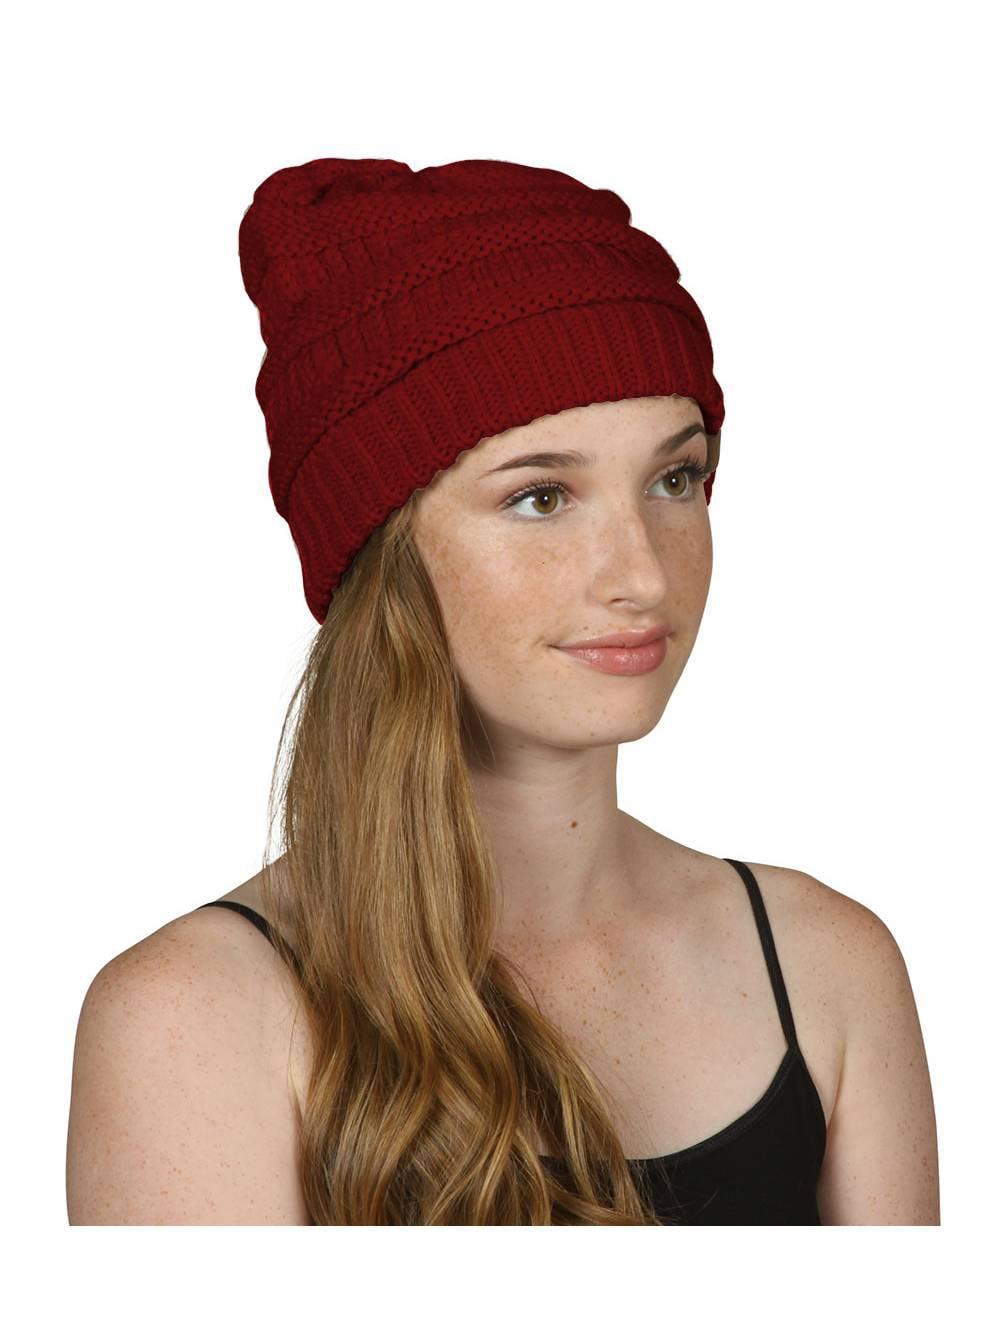 Thick Knit Beanie Cap Hat - Burgundy 121db46cff7d